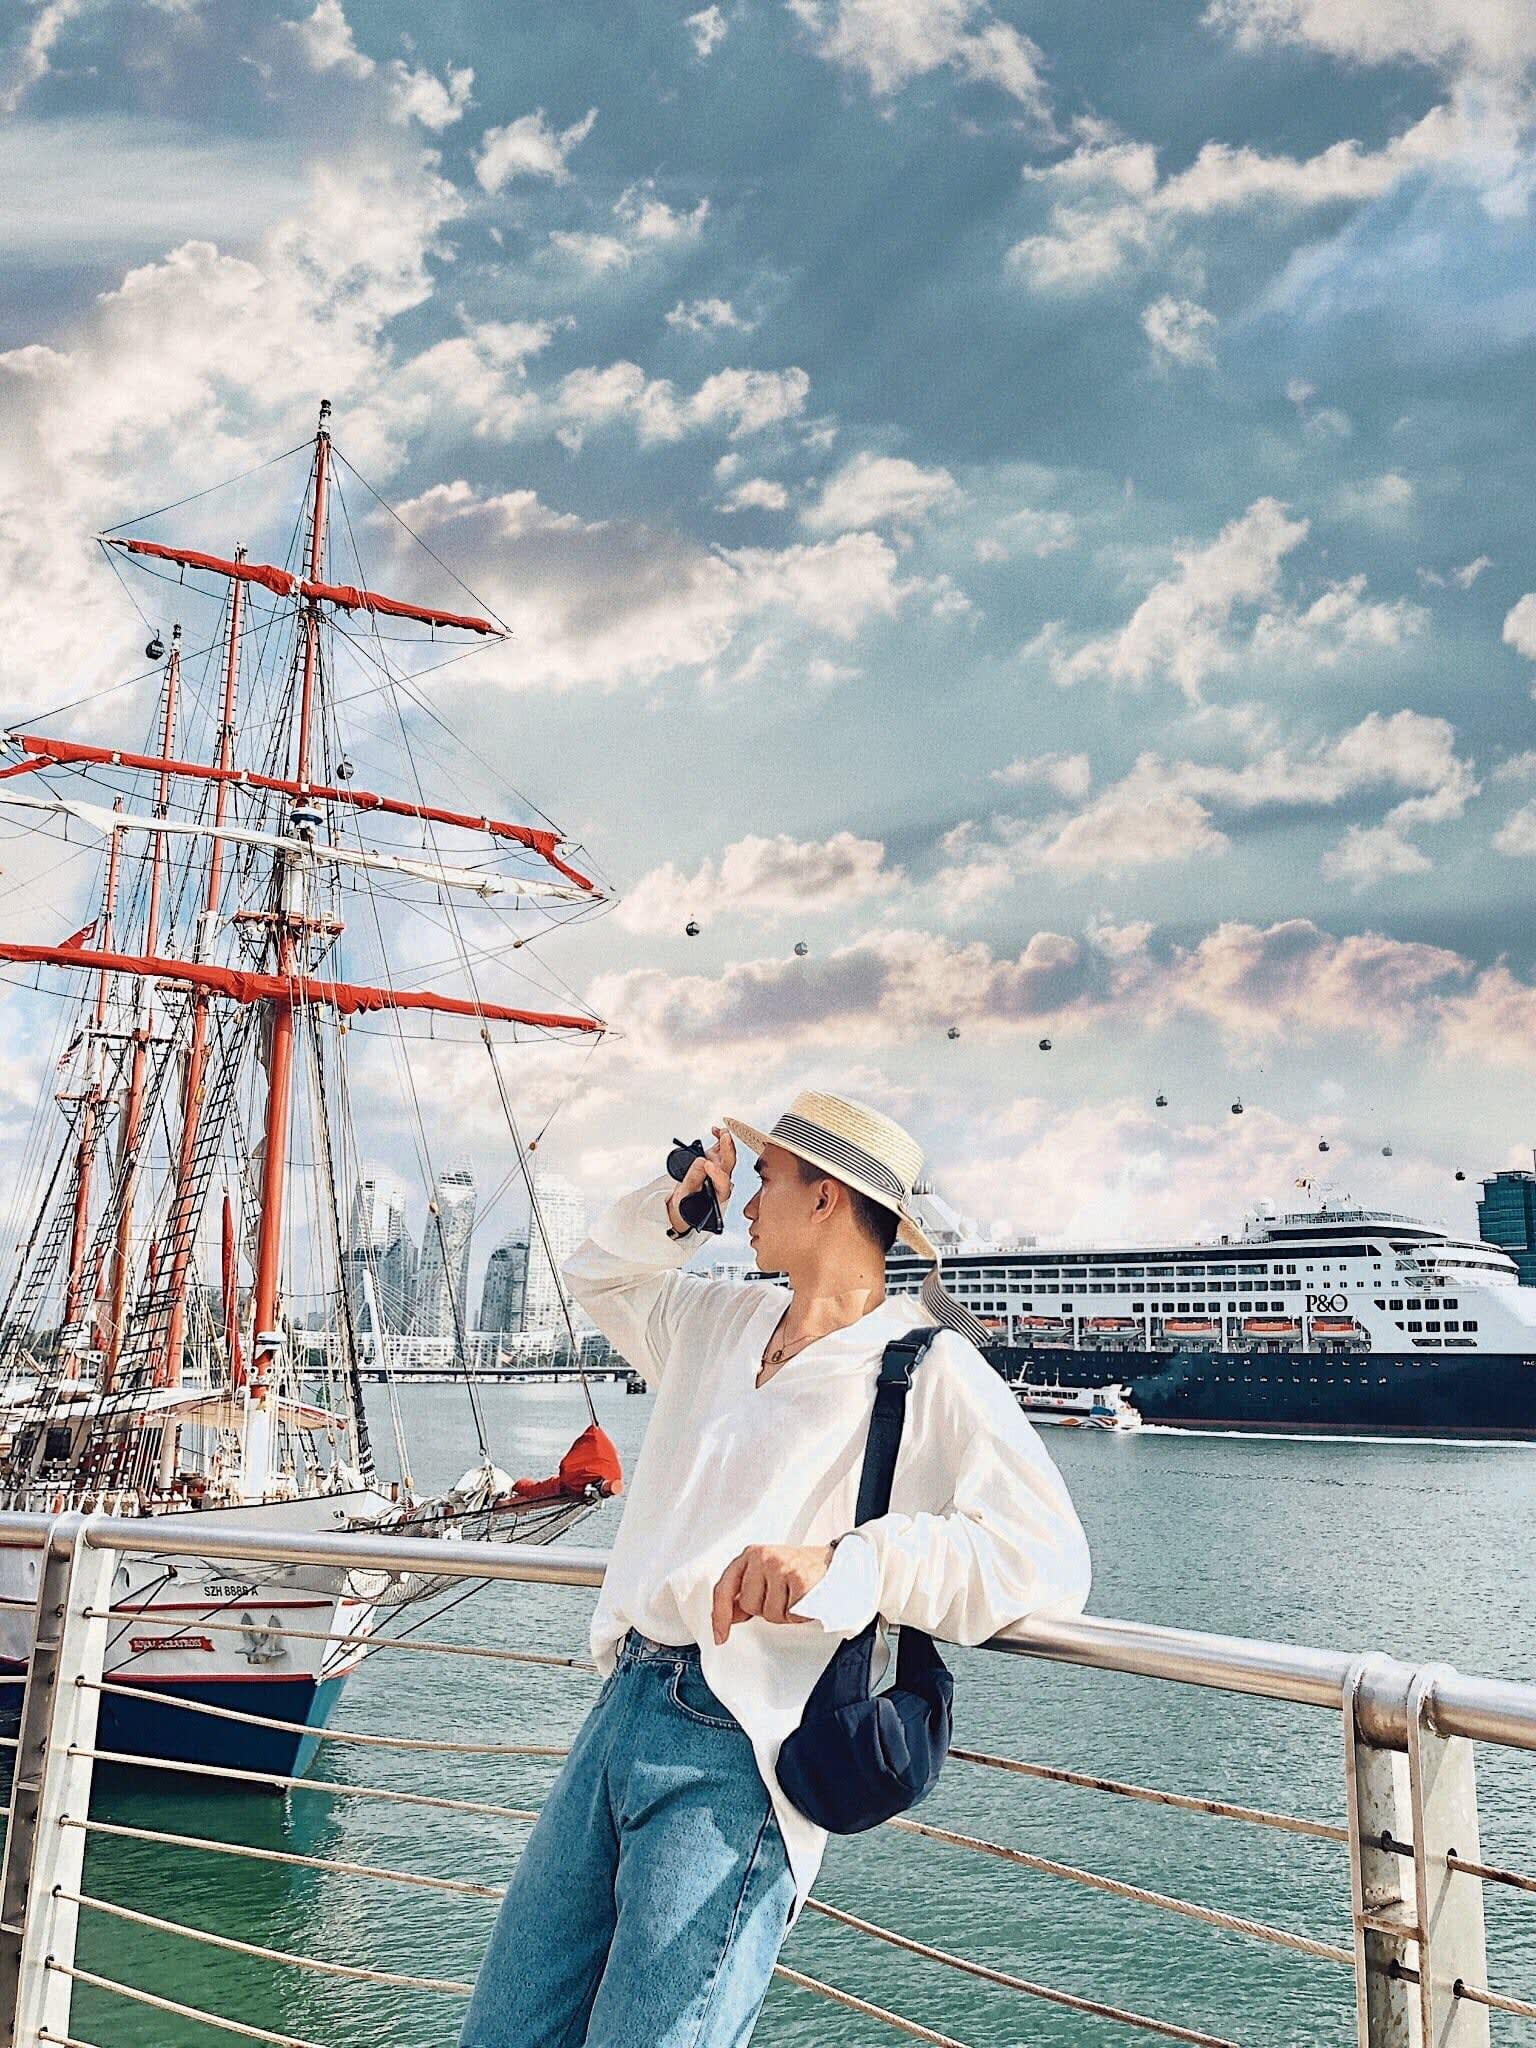 chụp hình tại bảo tàng trải nghiệm hàng hải